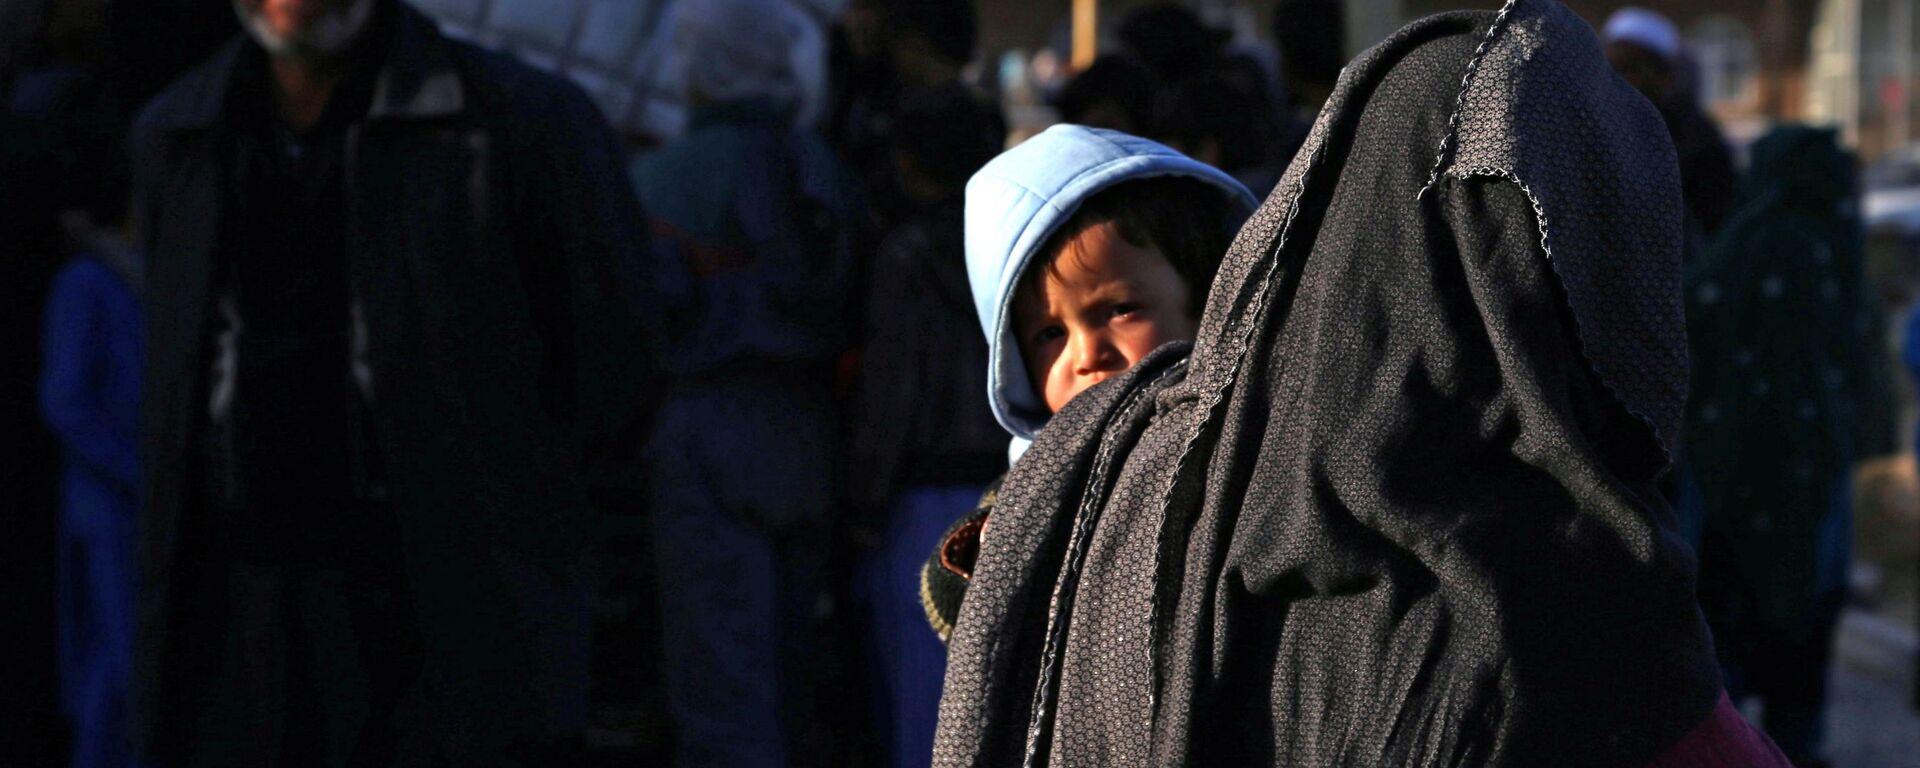 Беженцы из провинции Газни в Афганистане - Sputnik Тоҷикистон, 1920, 23.07.2021